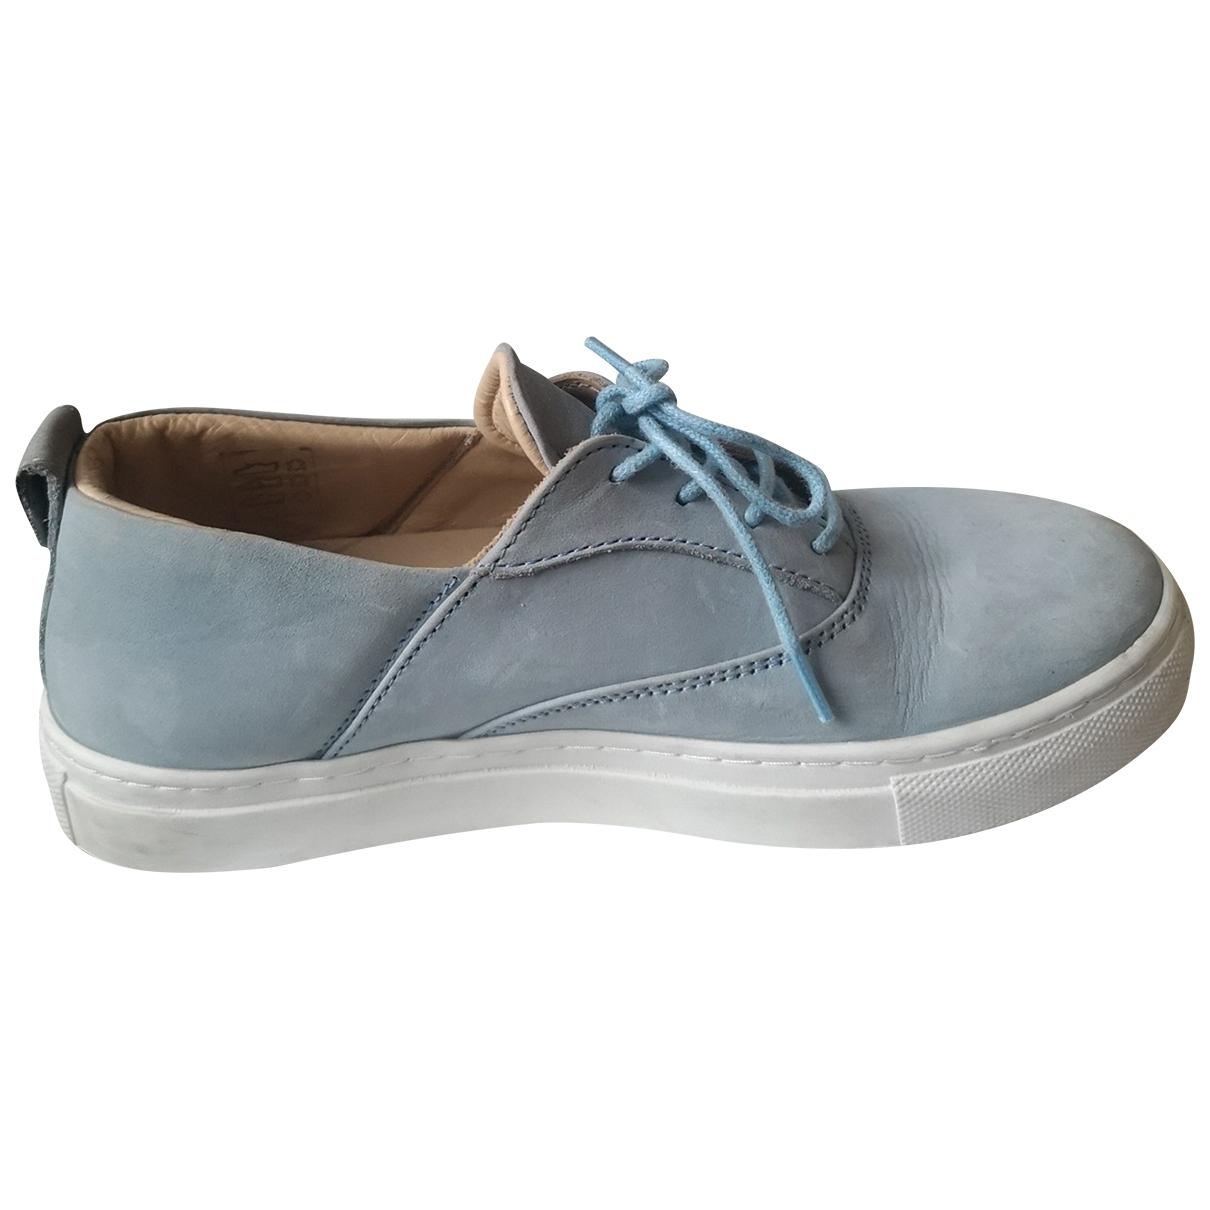 Garconne & Cherubin \N Sneakers in  Blau Leder